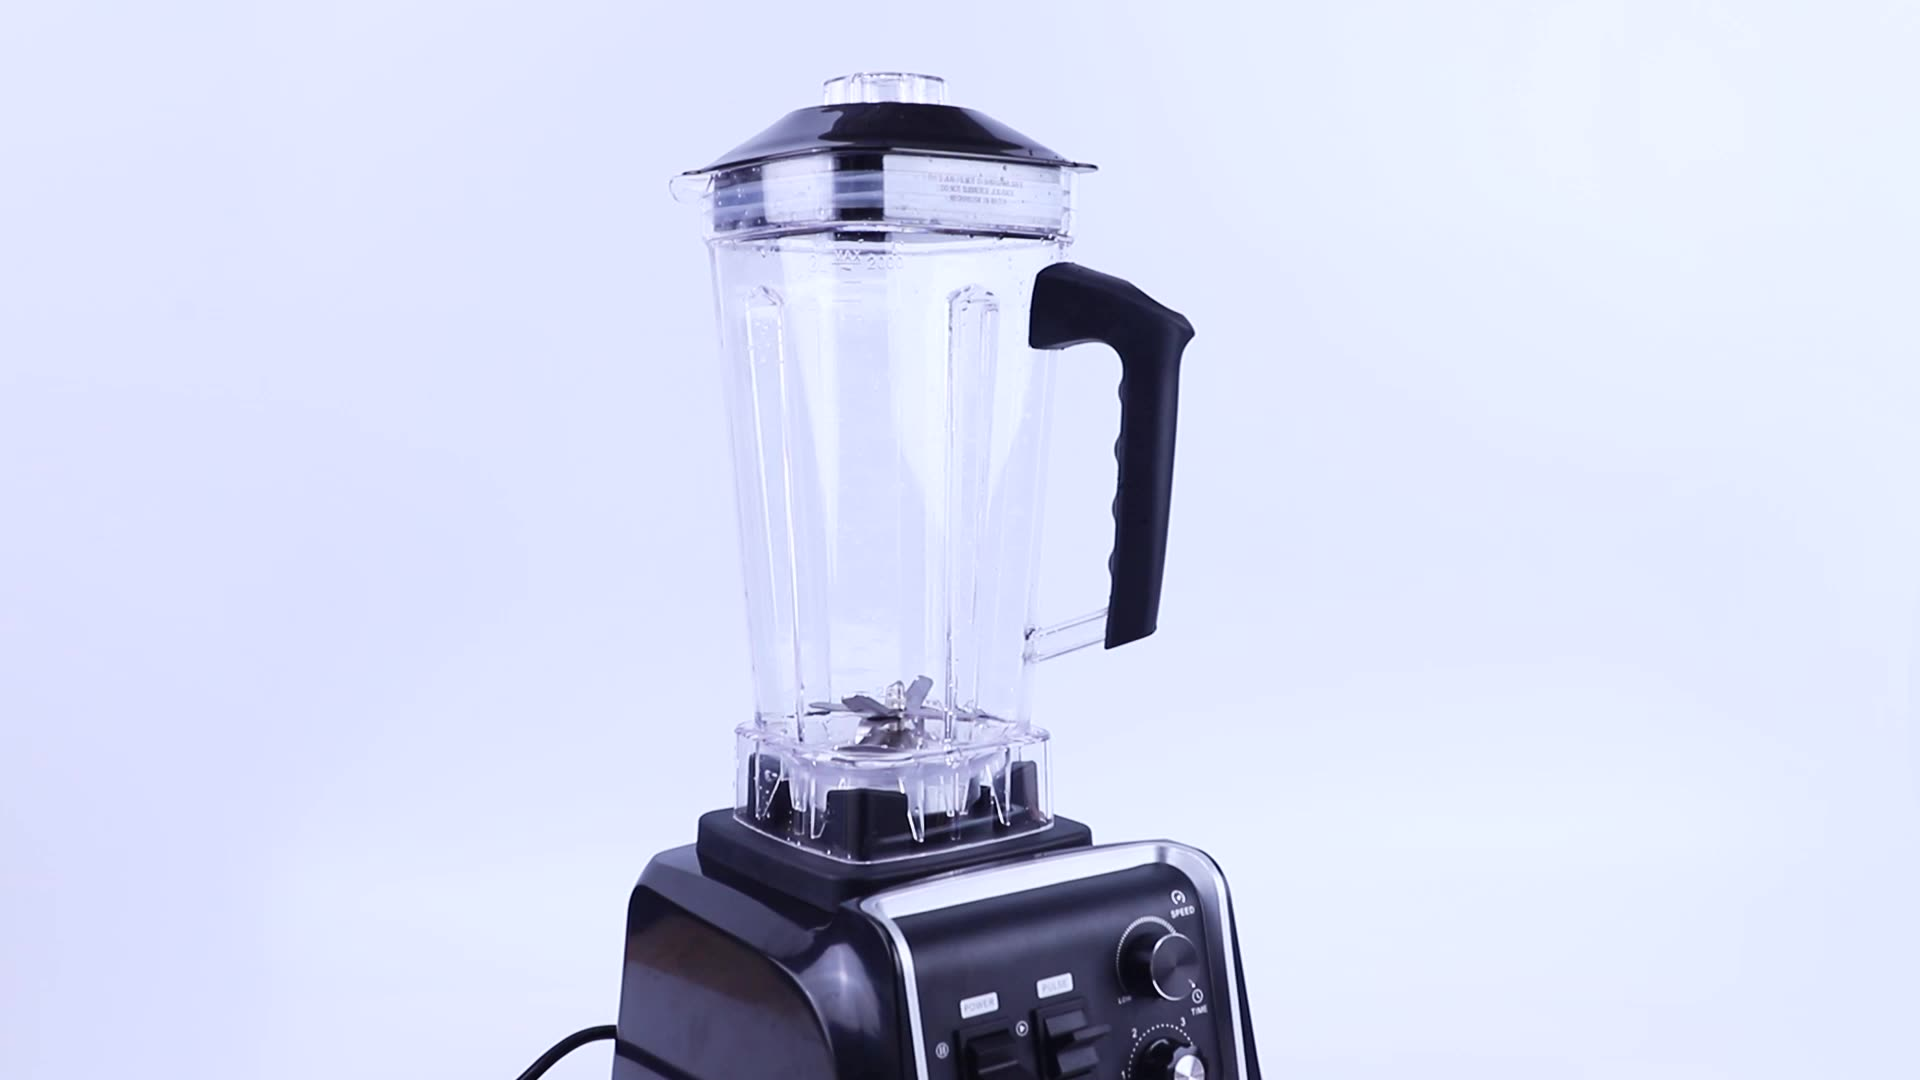 เครื่องปั่นอาหารใช้ในบ้านความเร็วสูง,เครื่องปั่นของหวาน2200W Nutri Ice Mix Bar